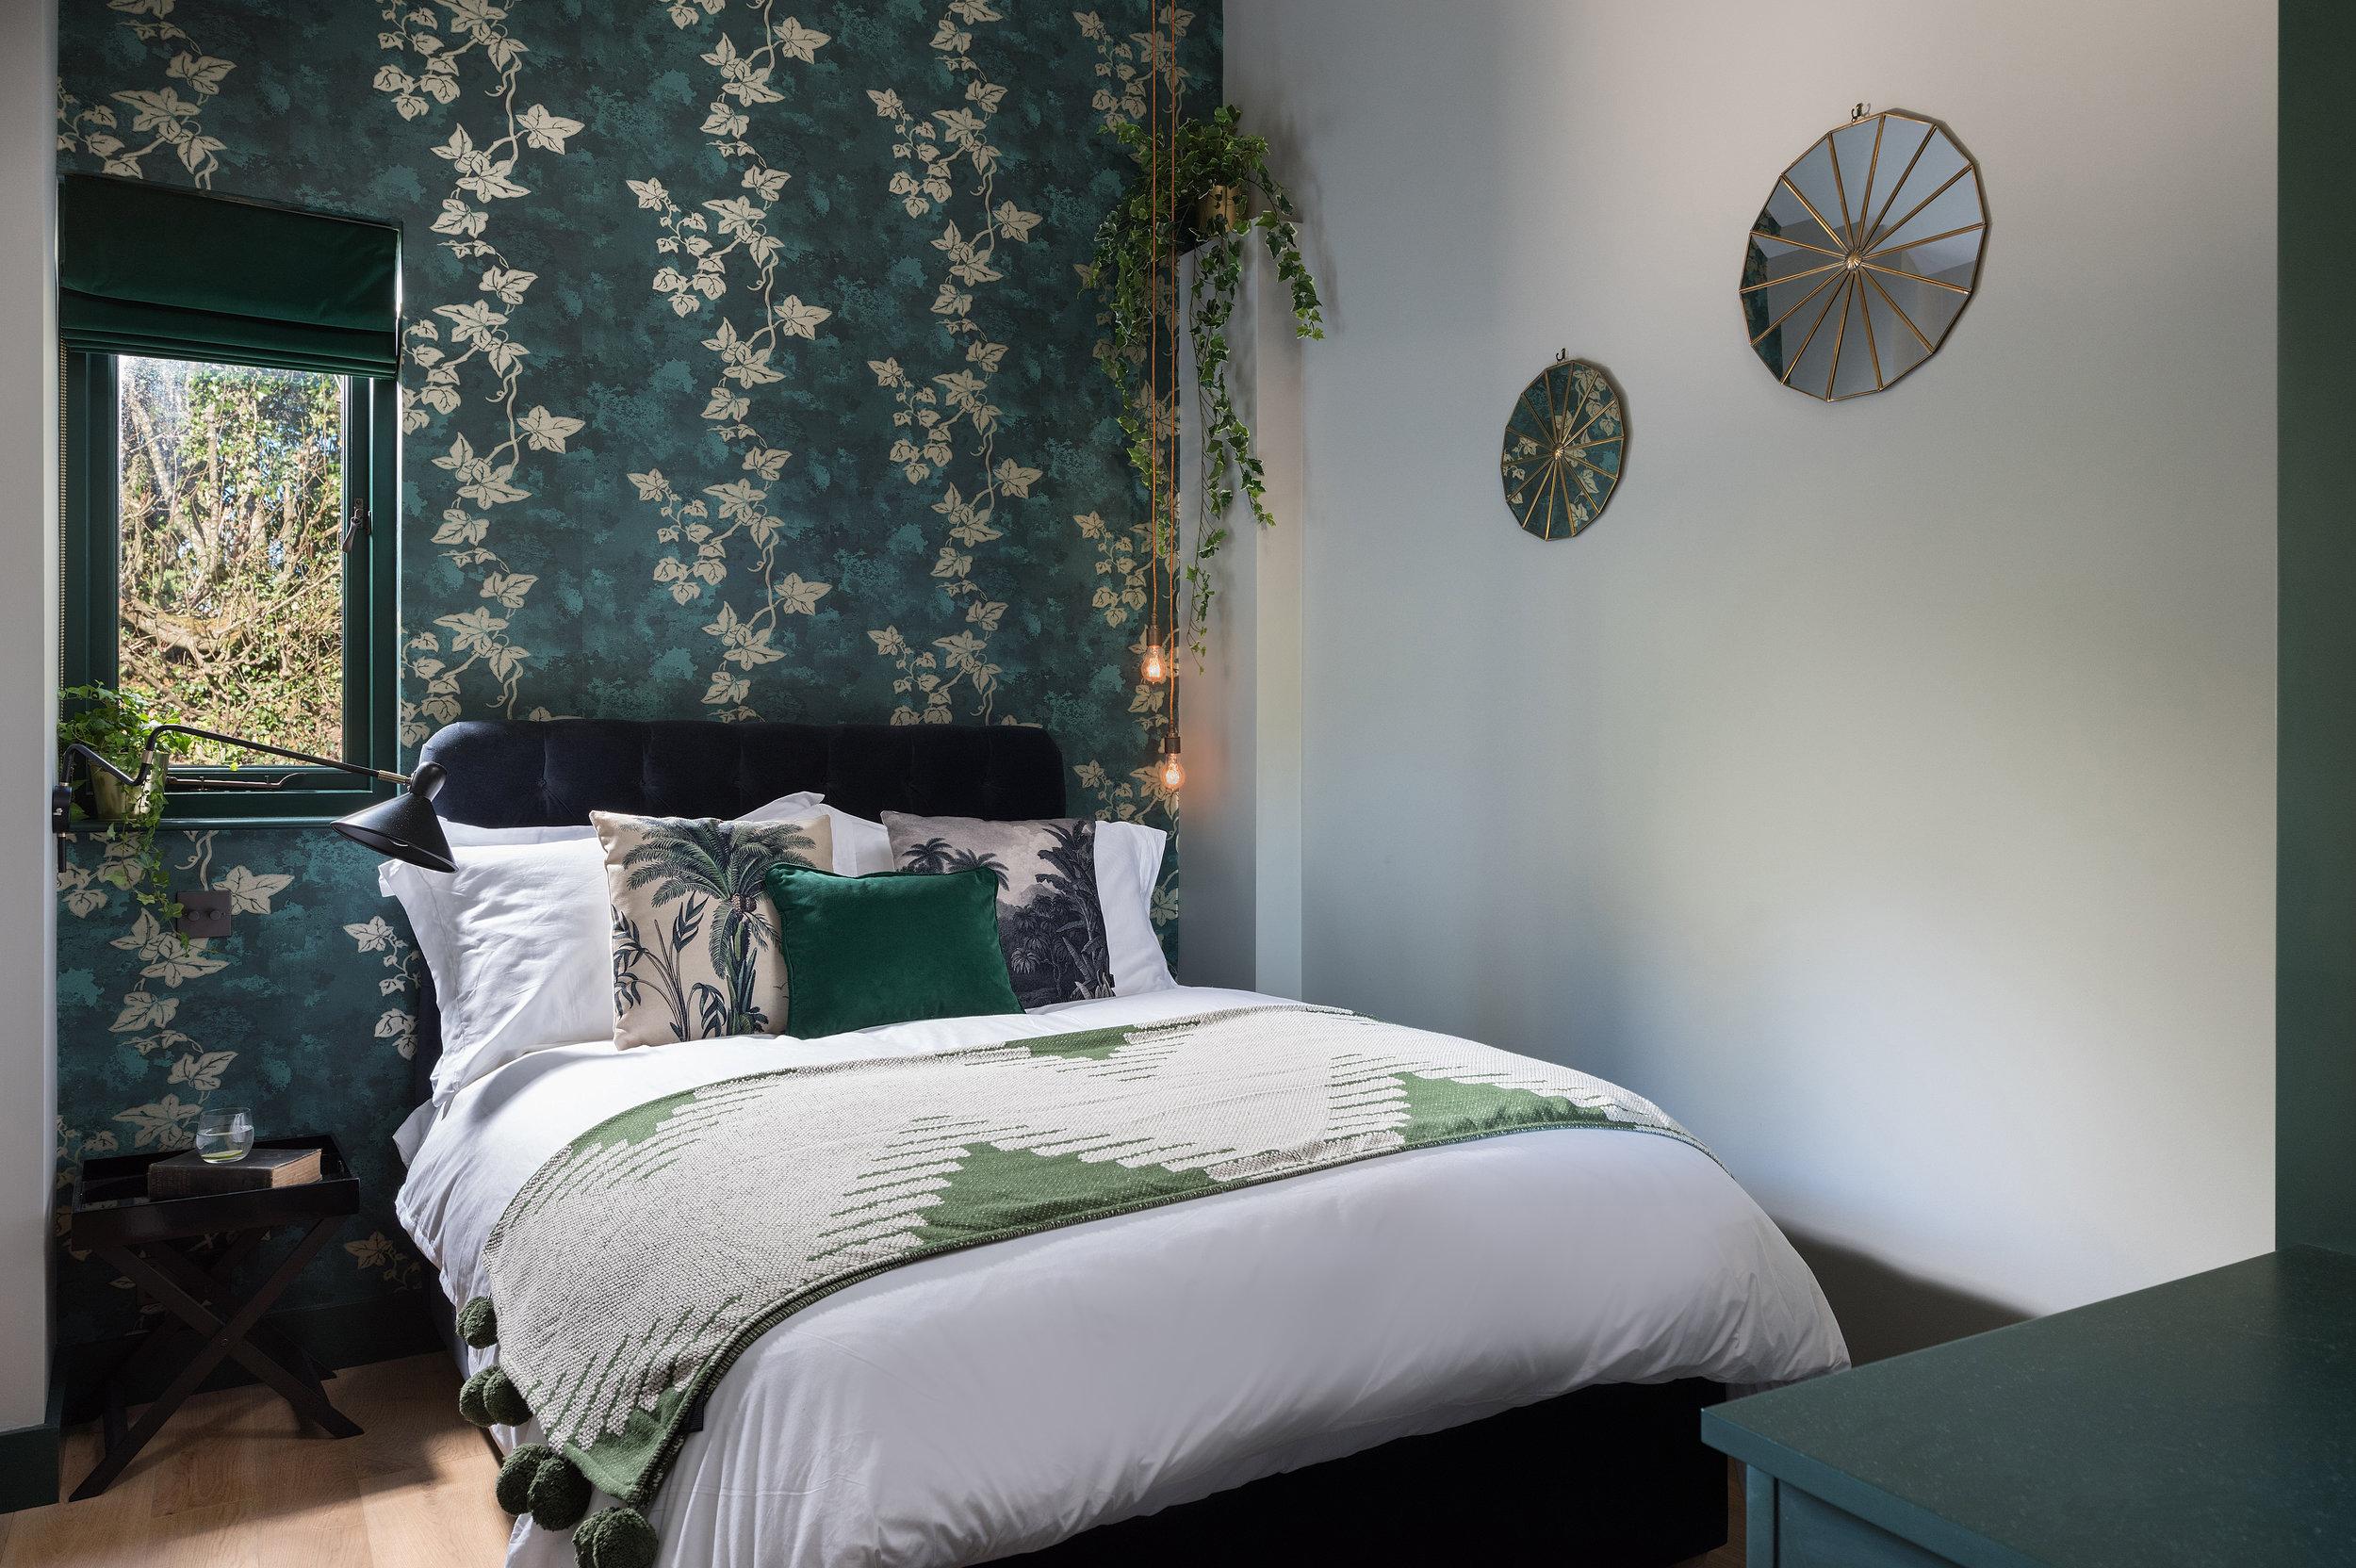 Bedroom 1 - dark & decadent